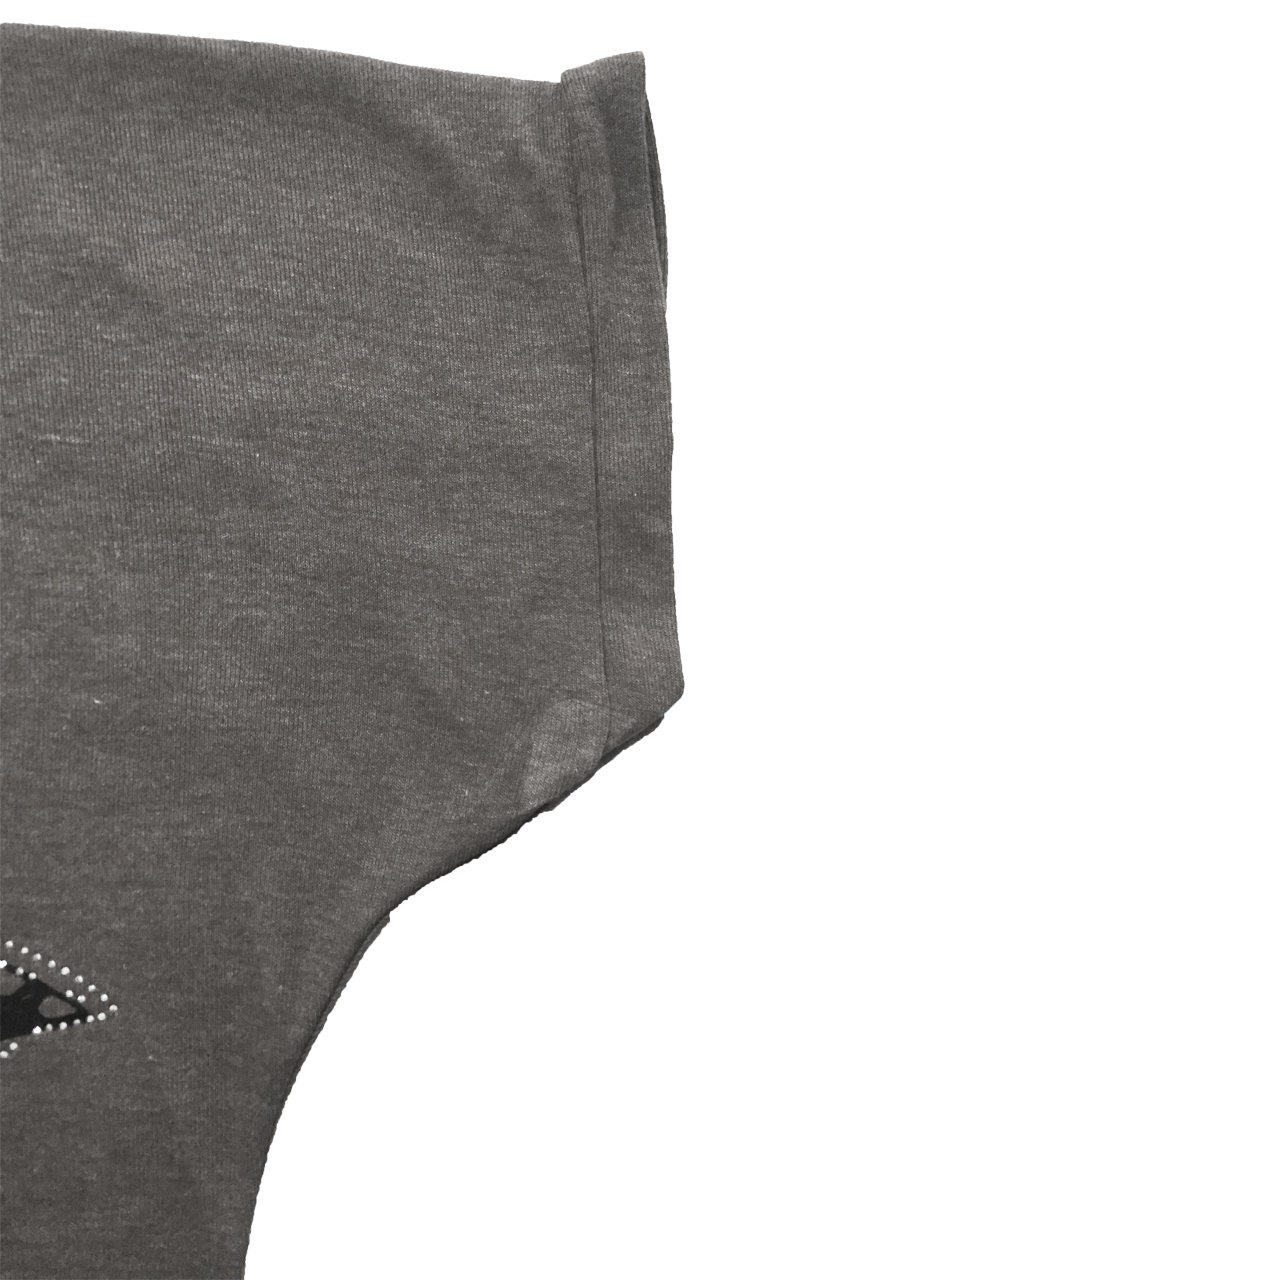 تی شرت آستین کوتاه زنانه مدل butterfly کد tms-1059 رنگ طوسی